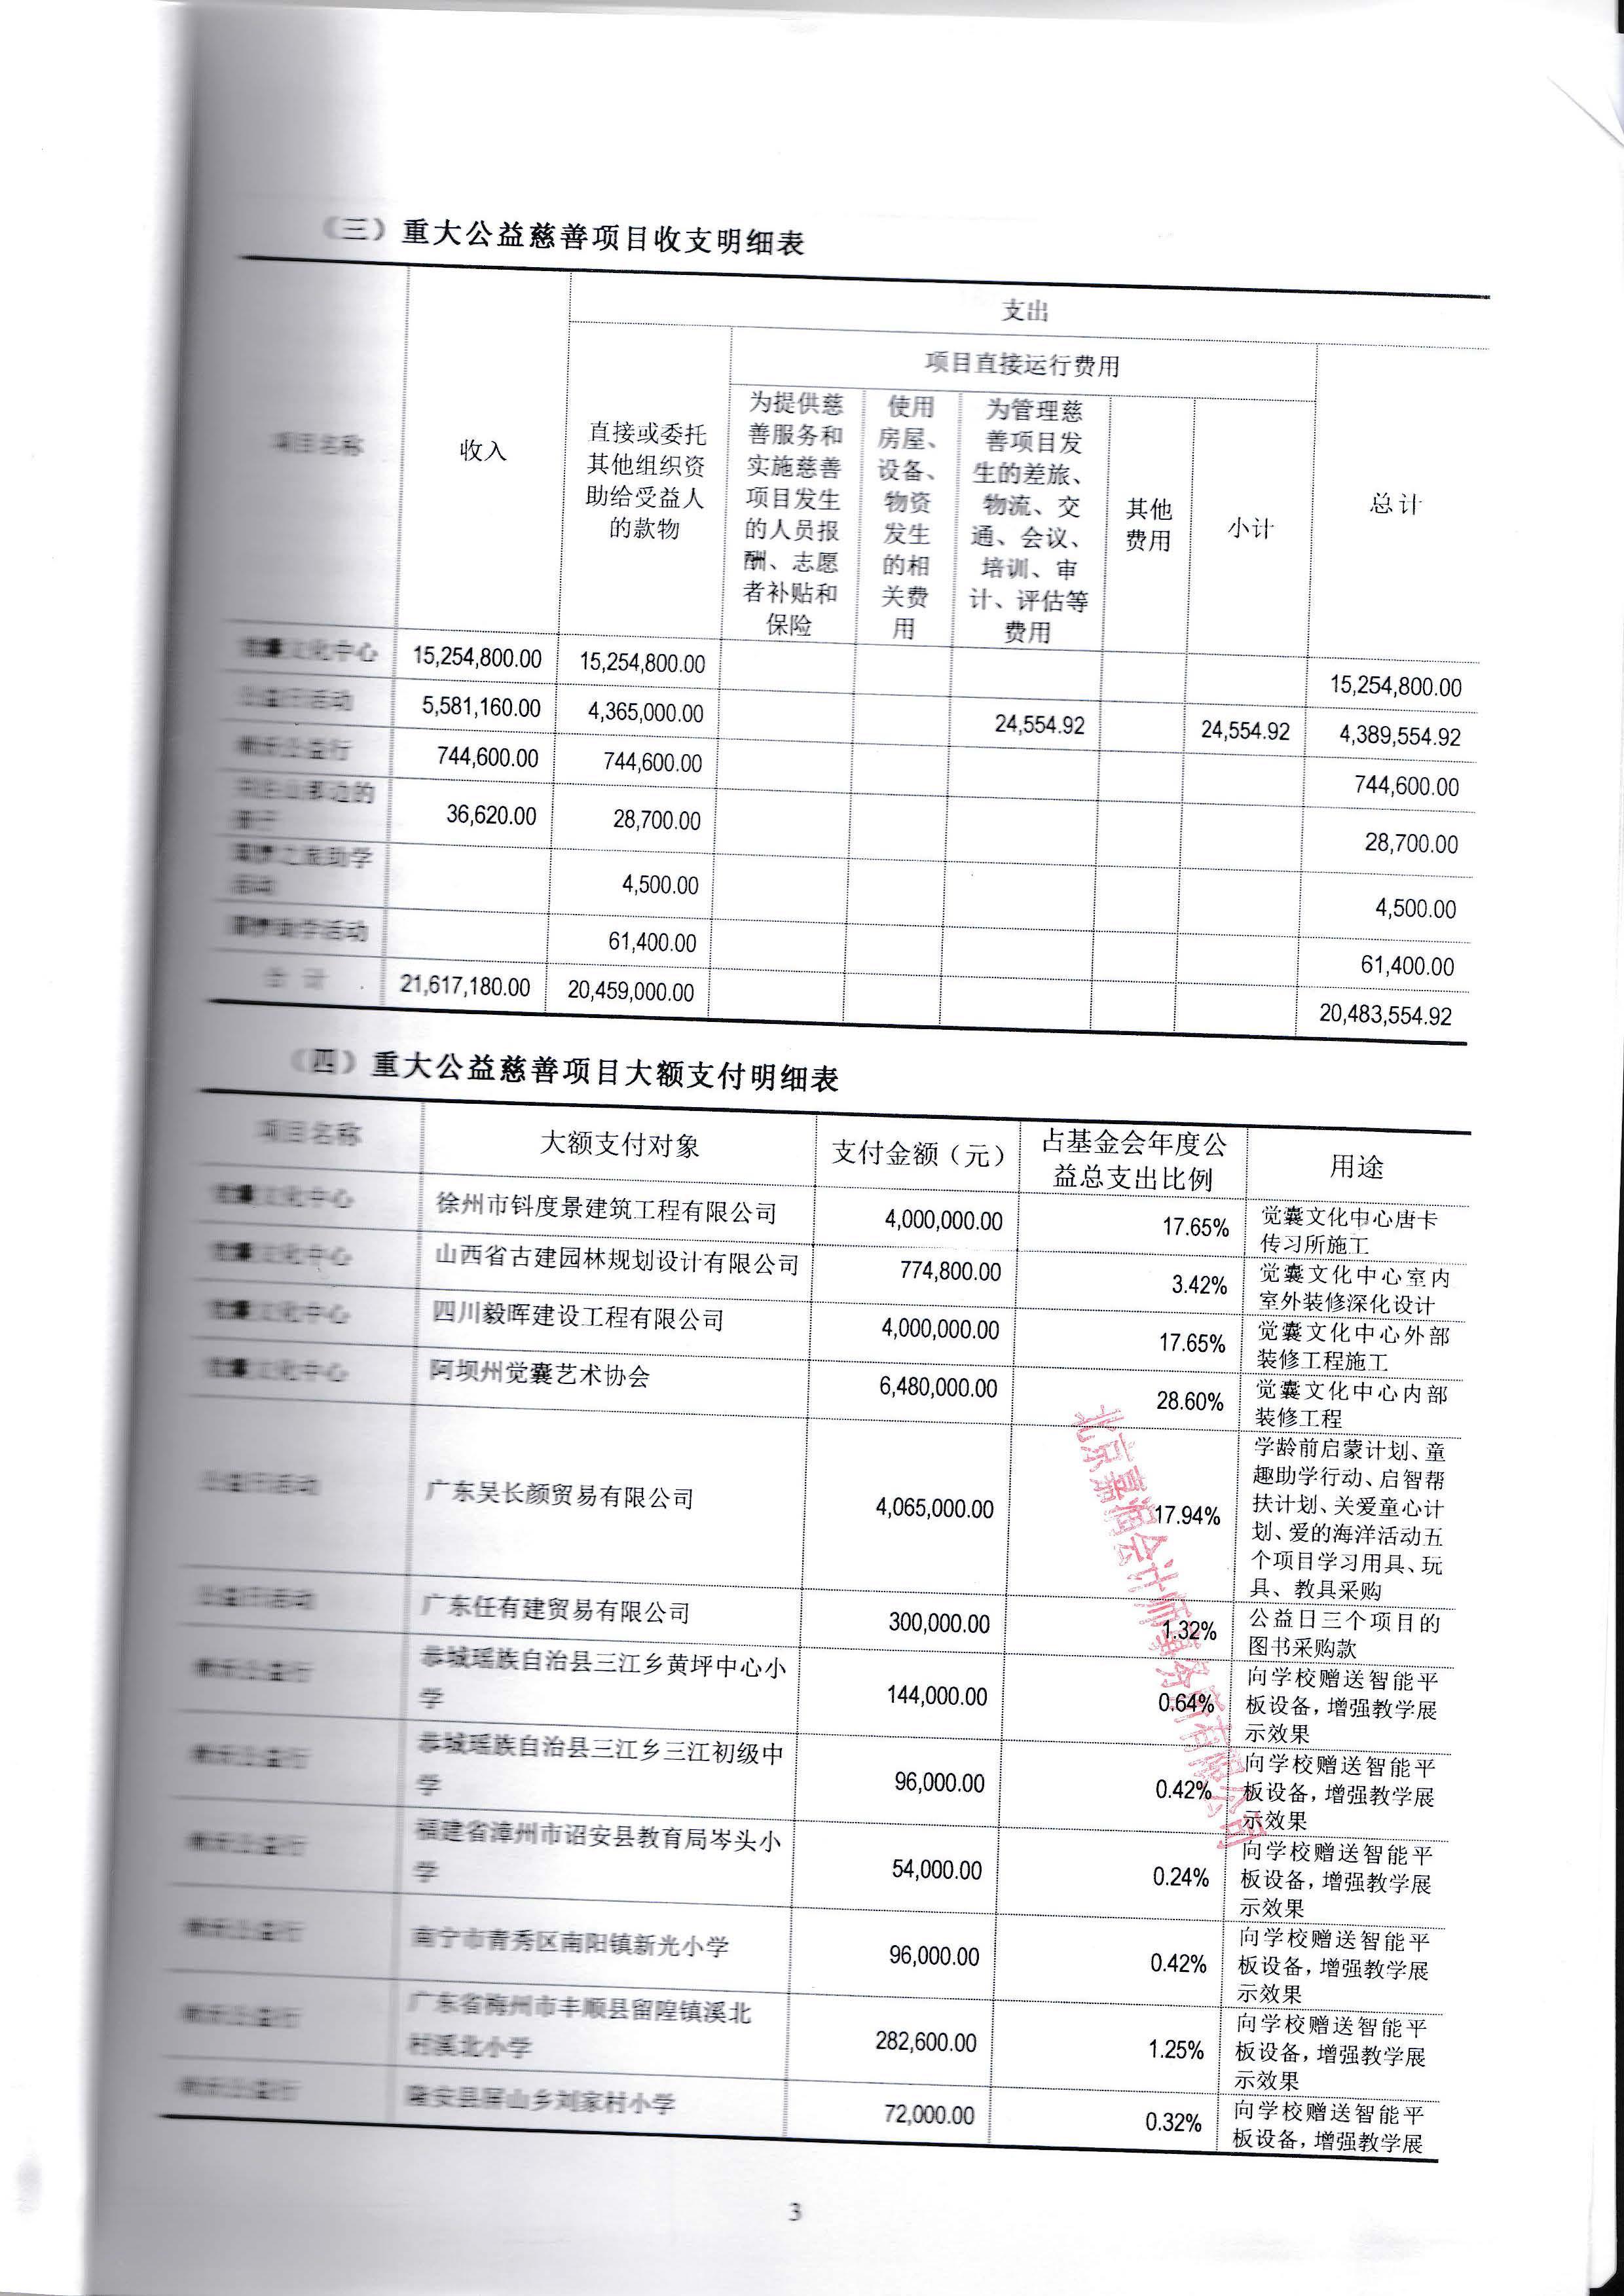 6具有资质的中介机构鉴证的上一年度财务报表和审计报告_页面_25